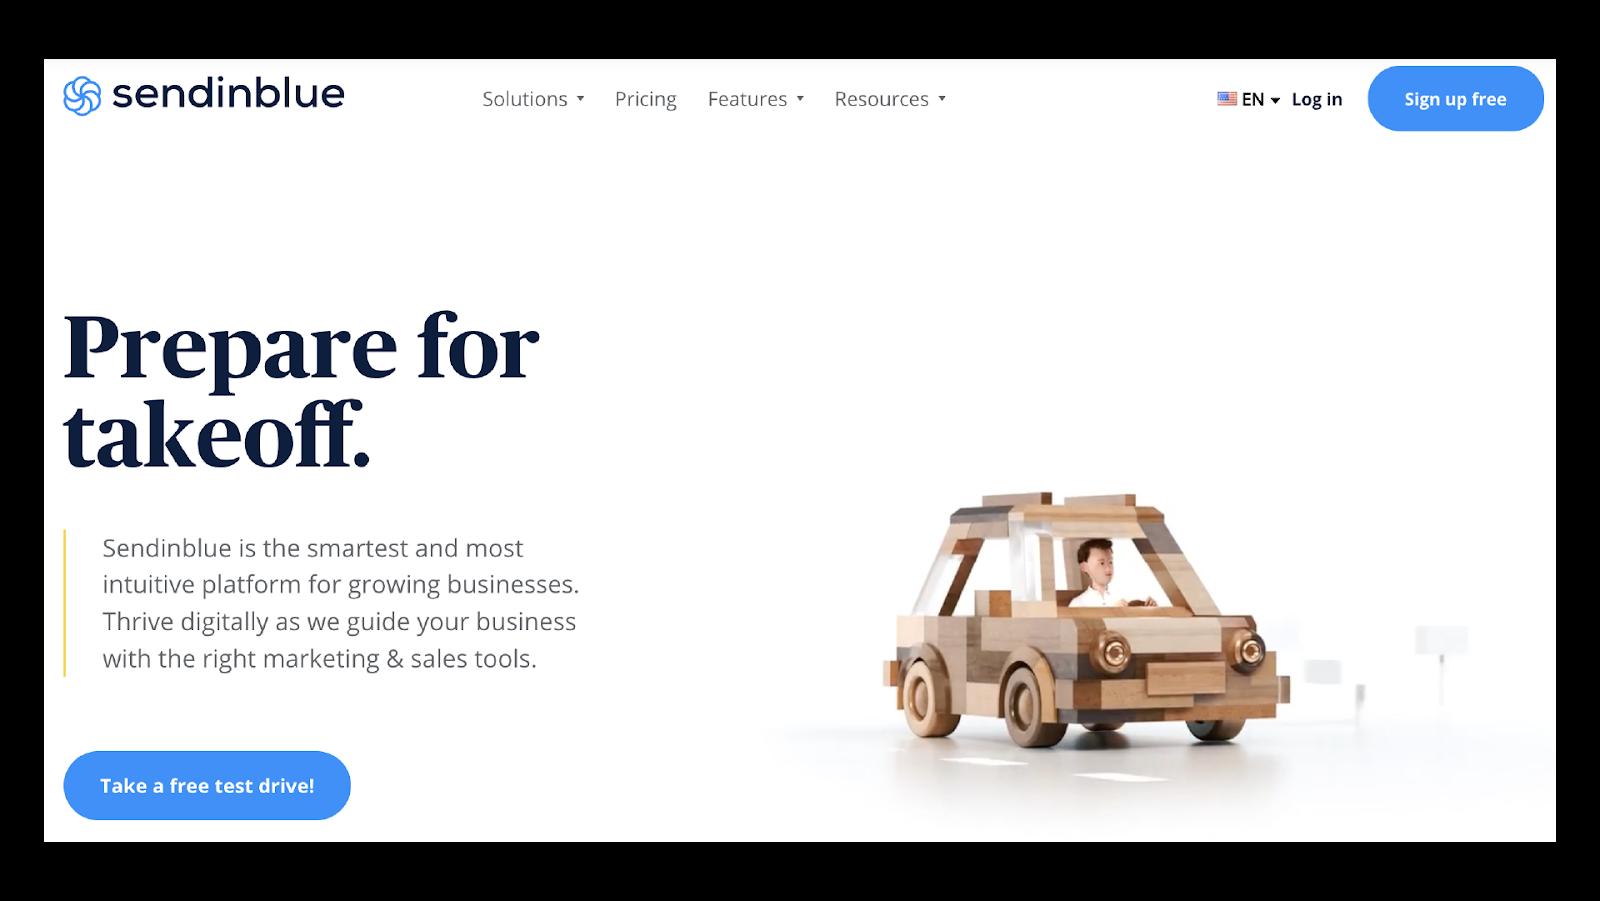 Sendinblue webpage